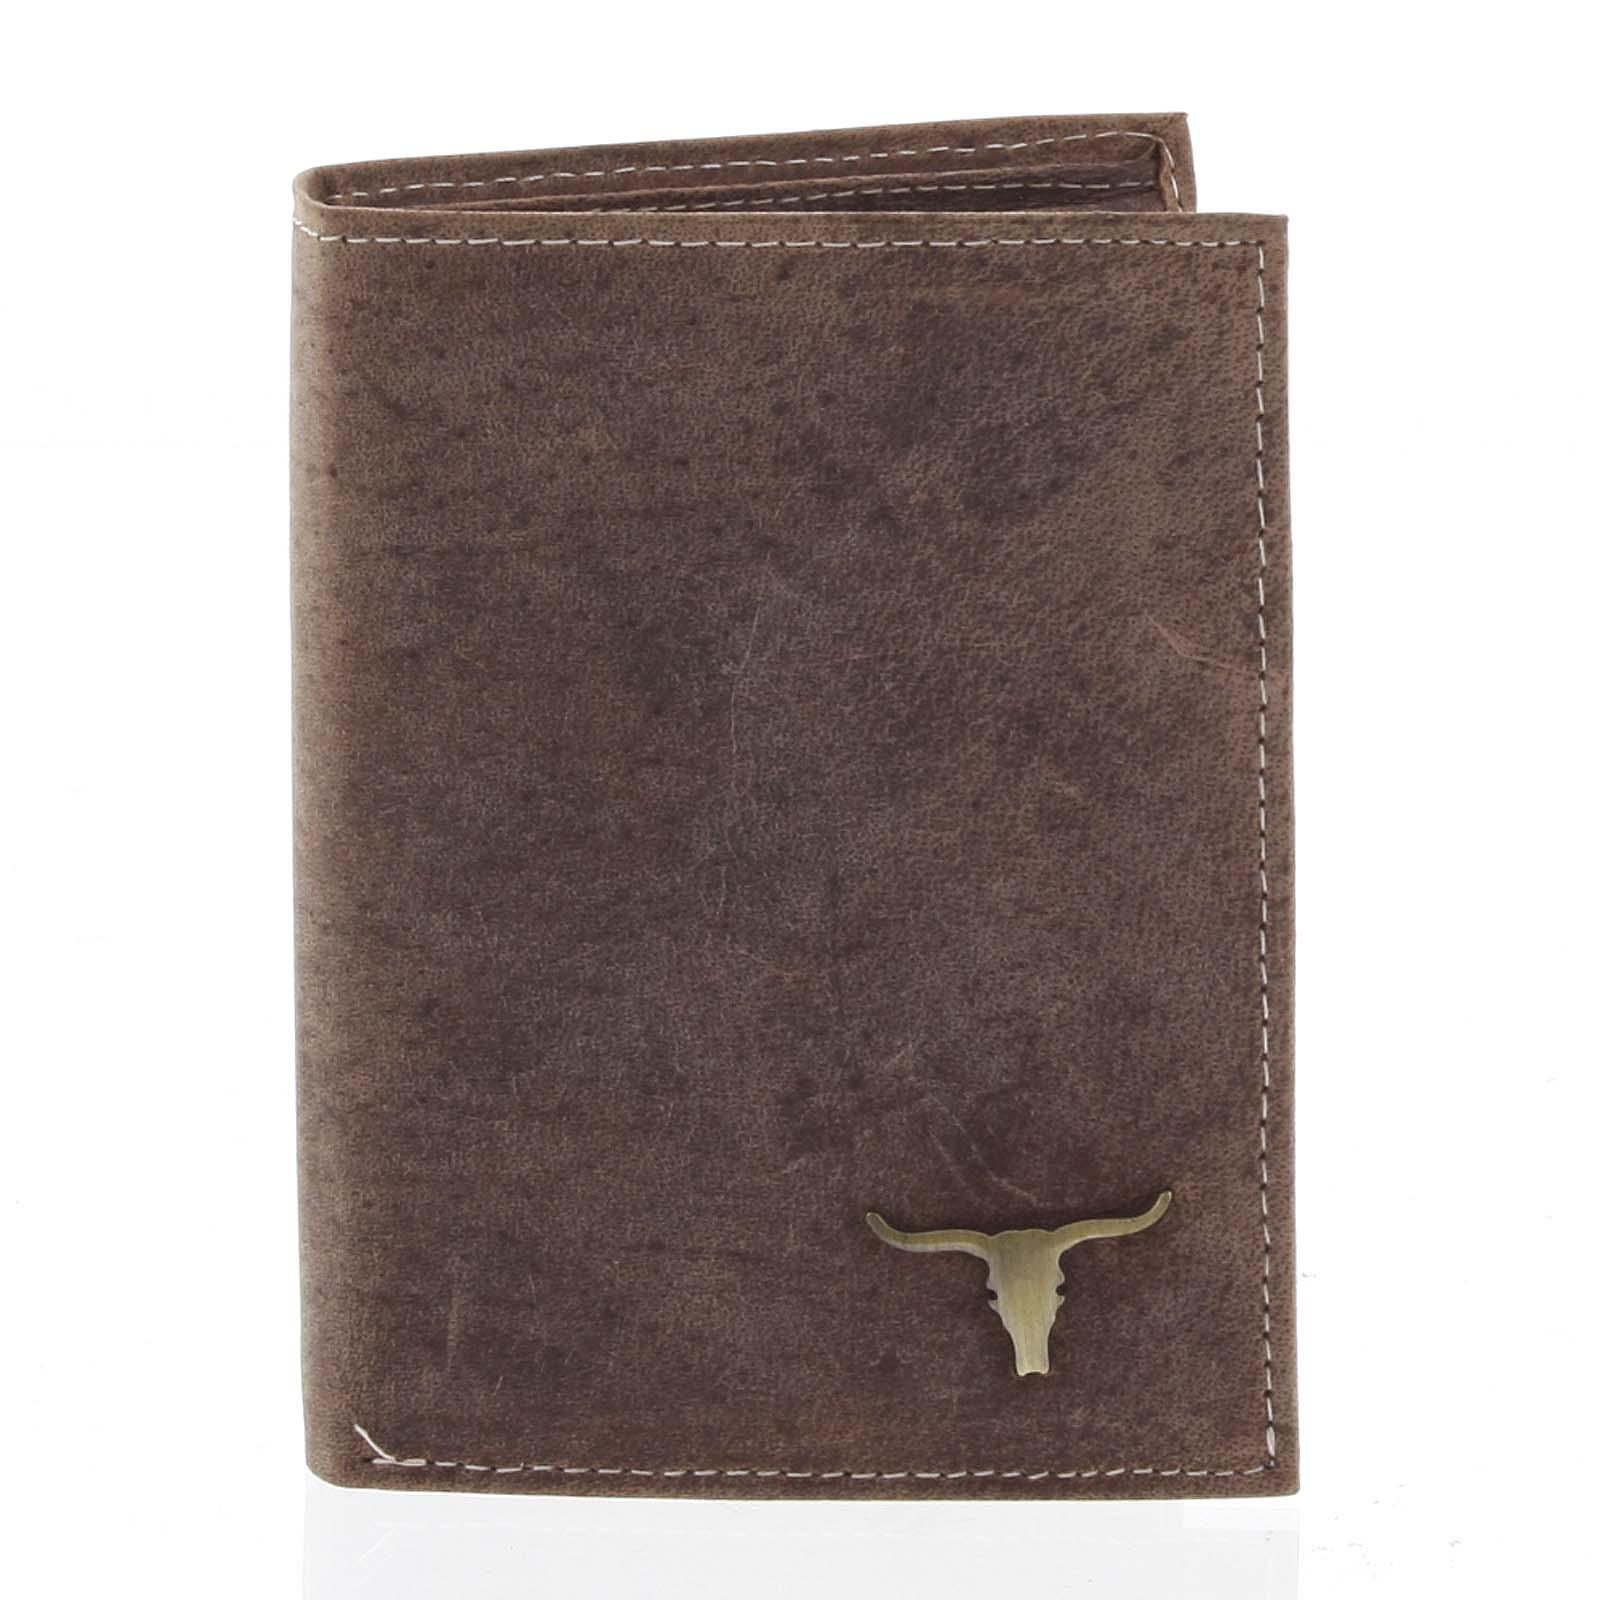 Pánska kožená peňaženka camel - BUFFALO Dura